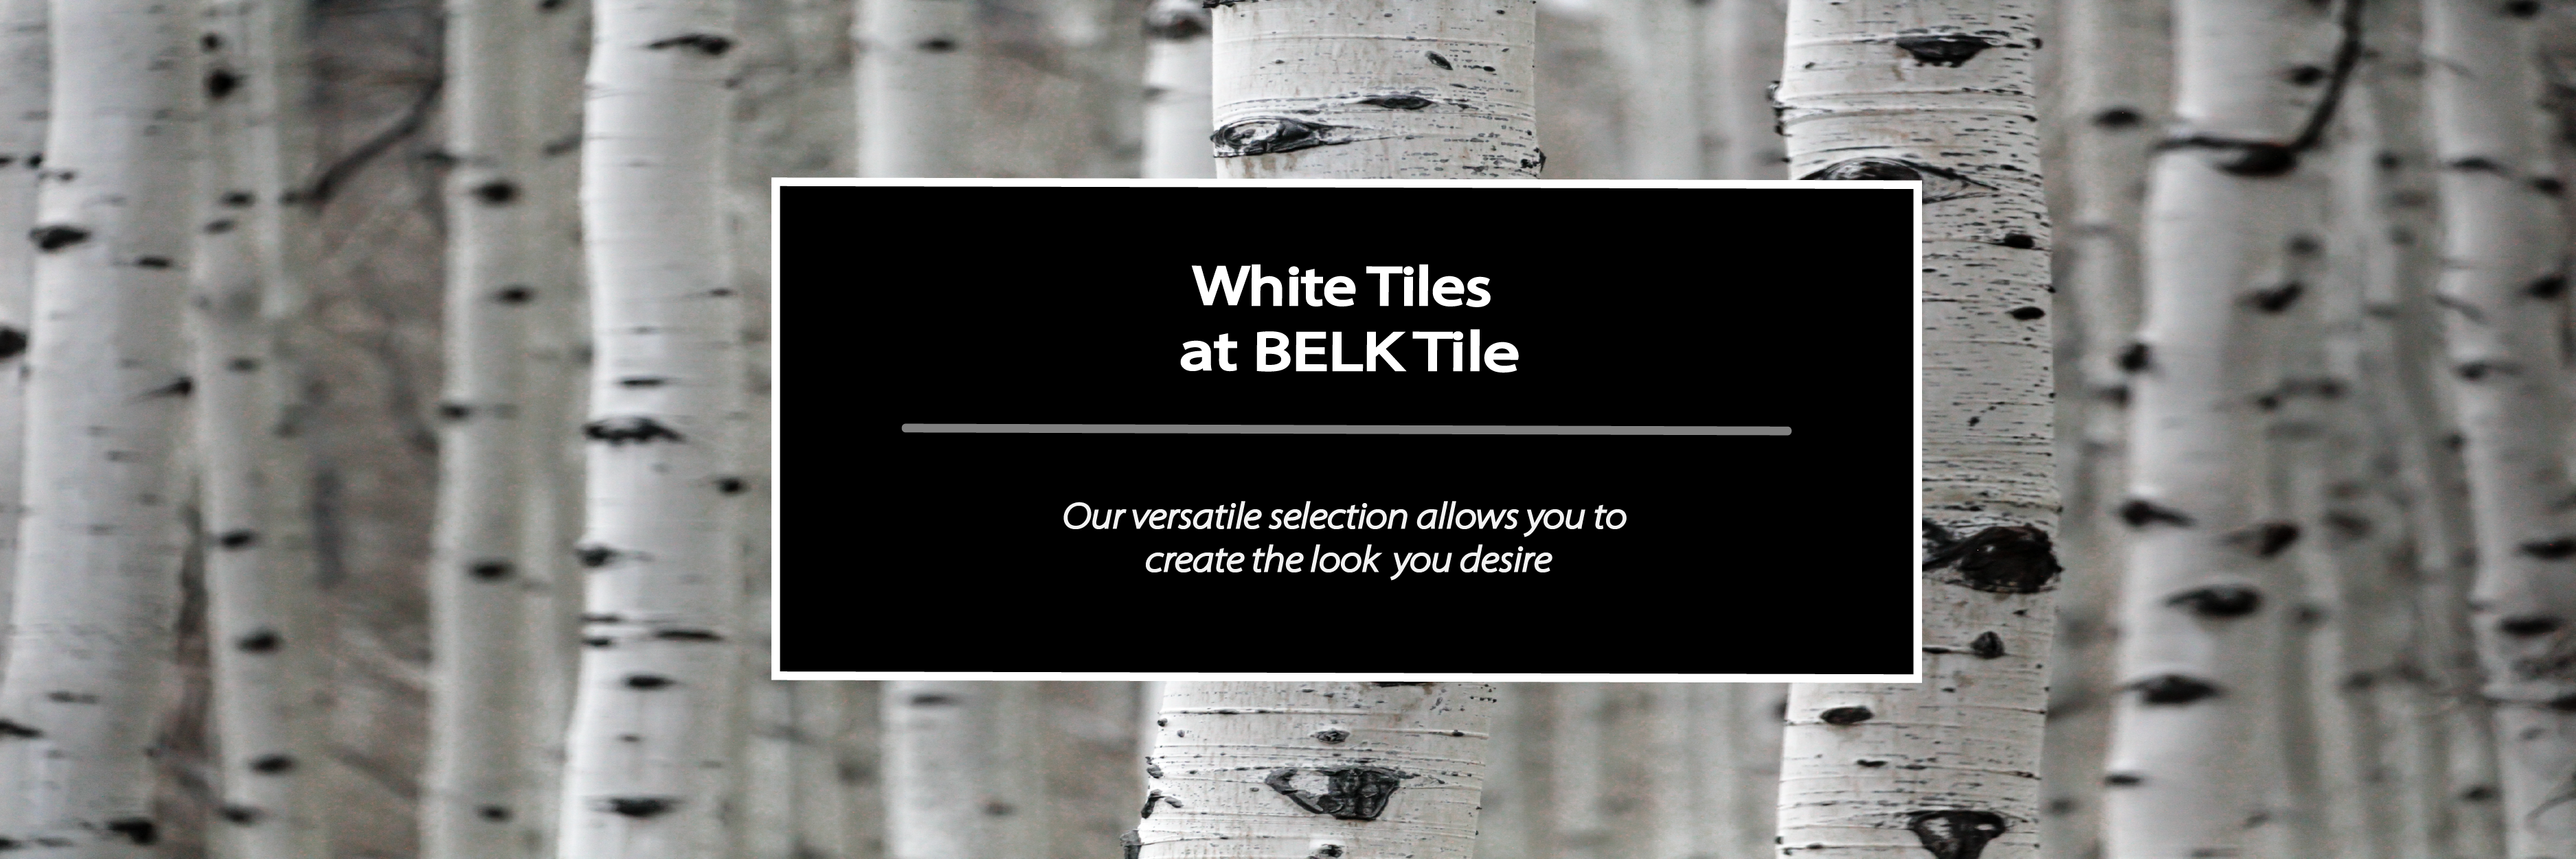 Shop by Color White tiles kitchen backsplash | Bathroom Floor Tiles | BELK Tile